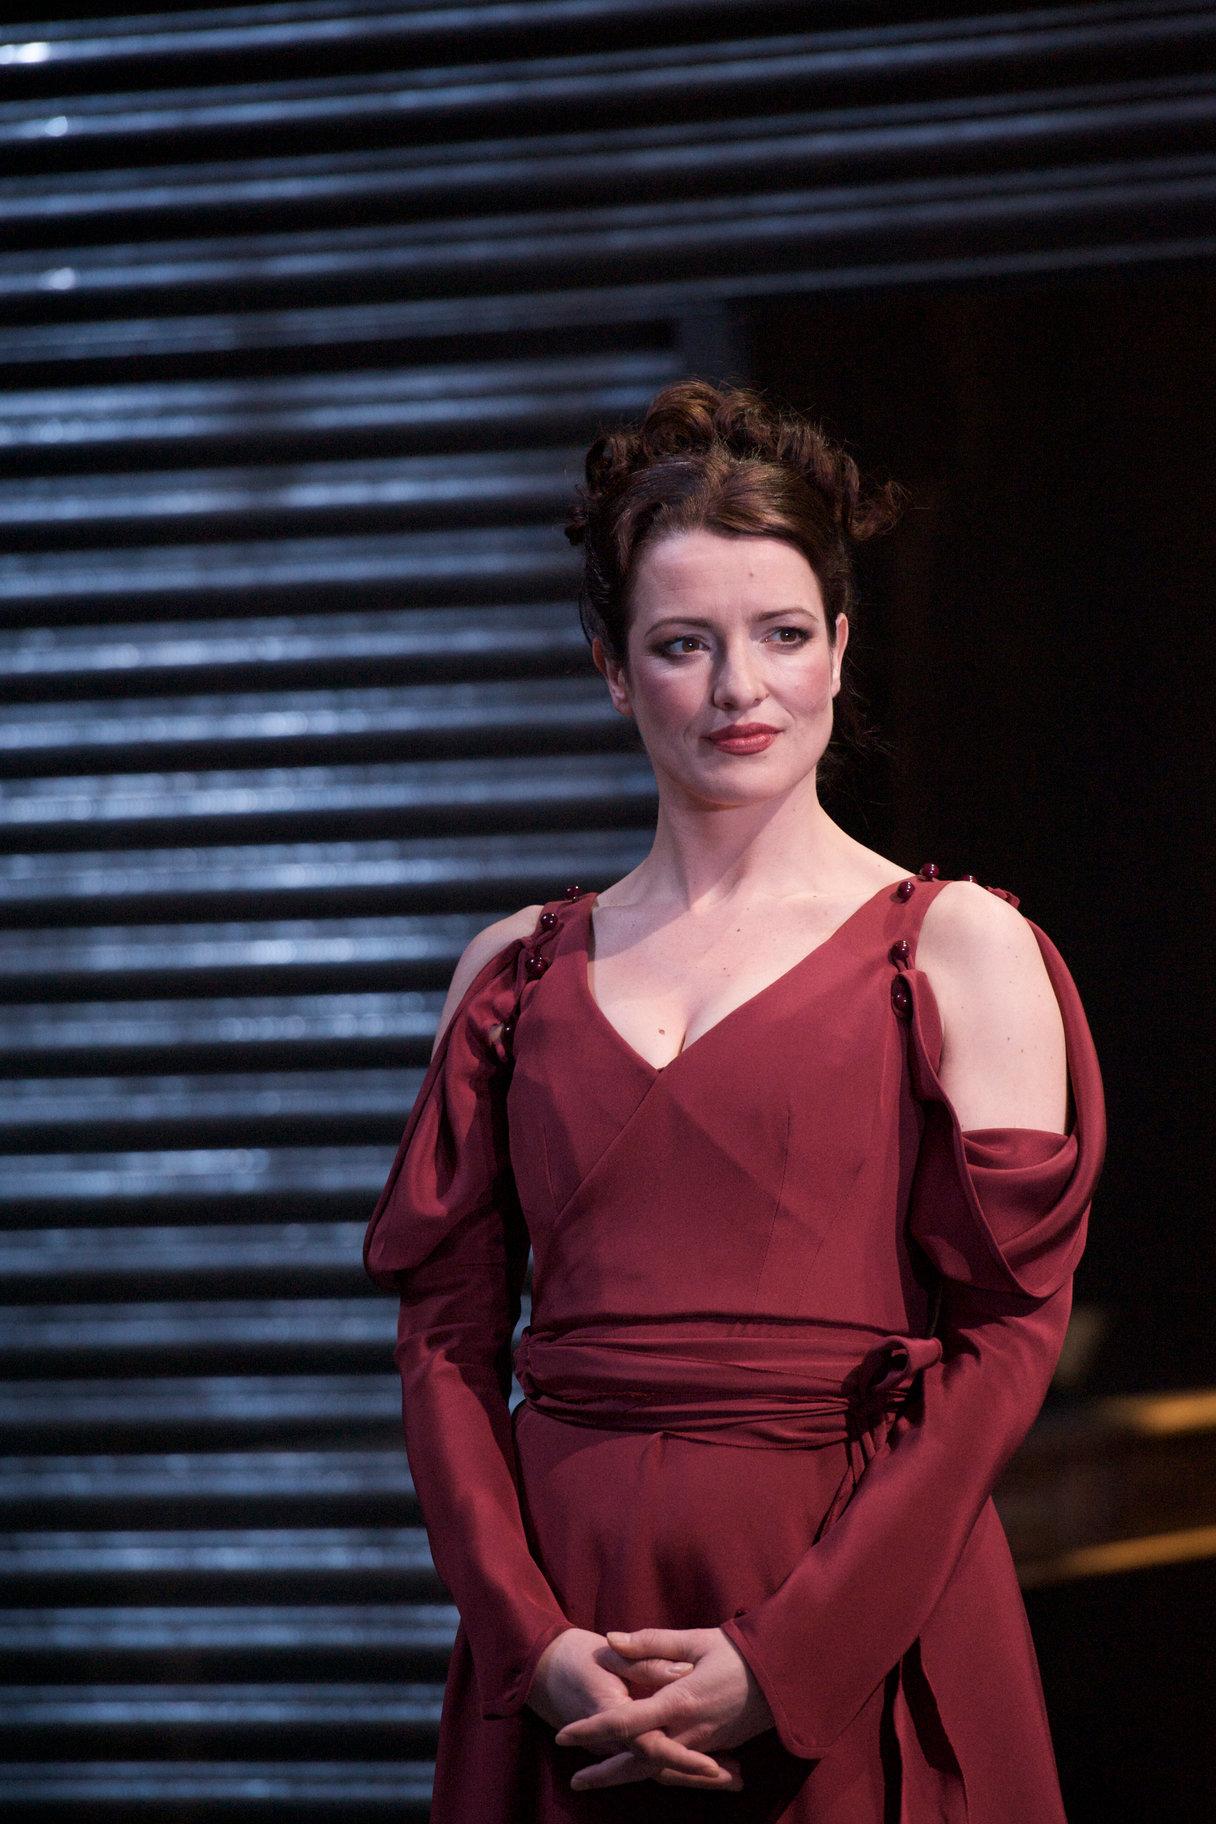 Regan in a dark red gown.